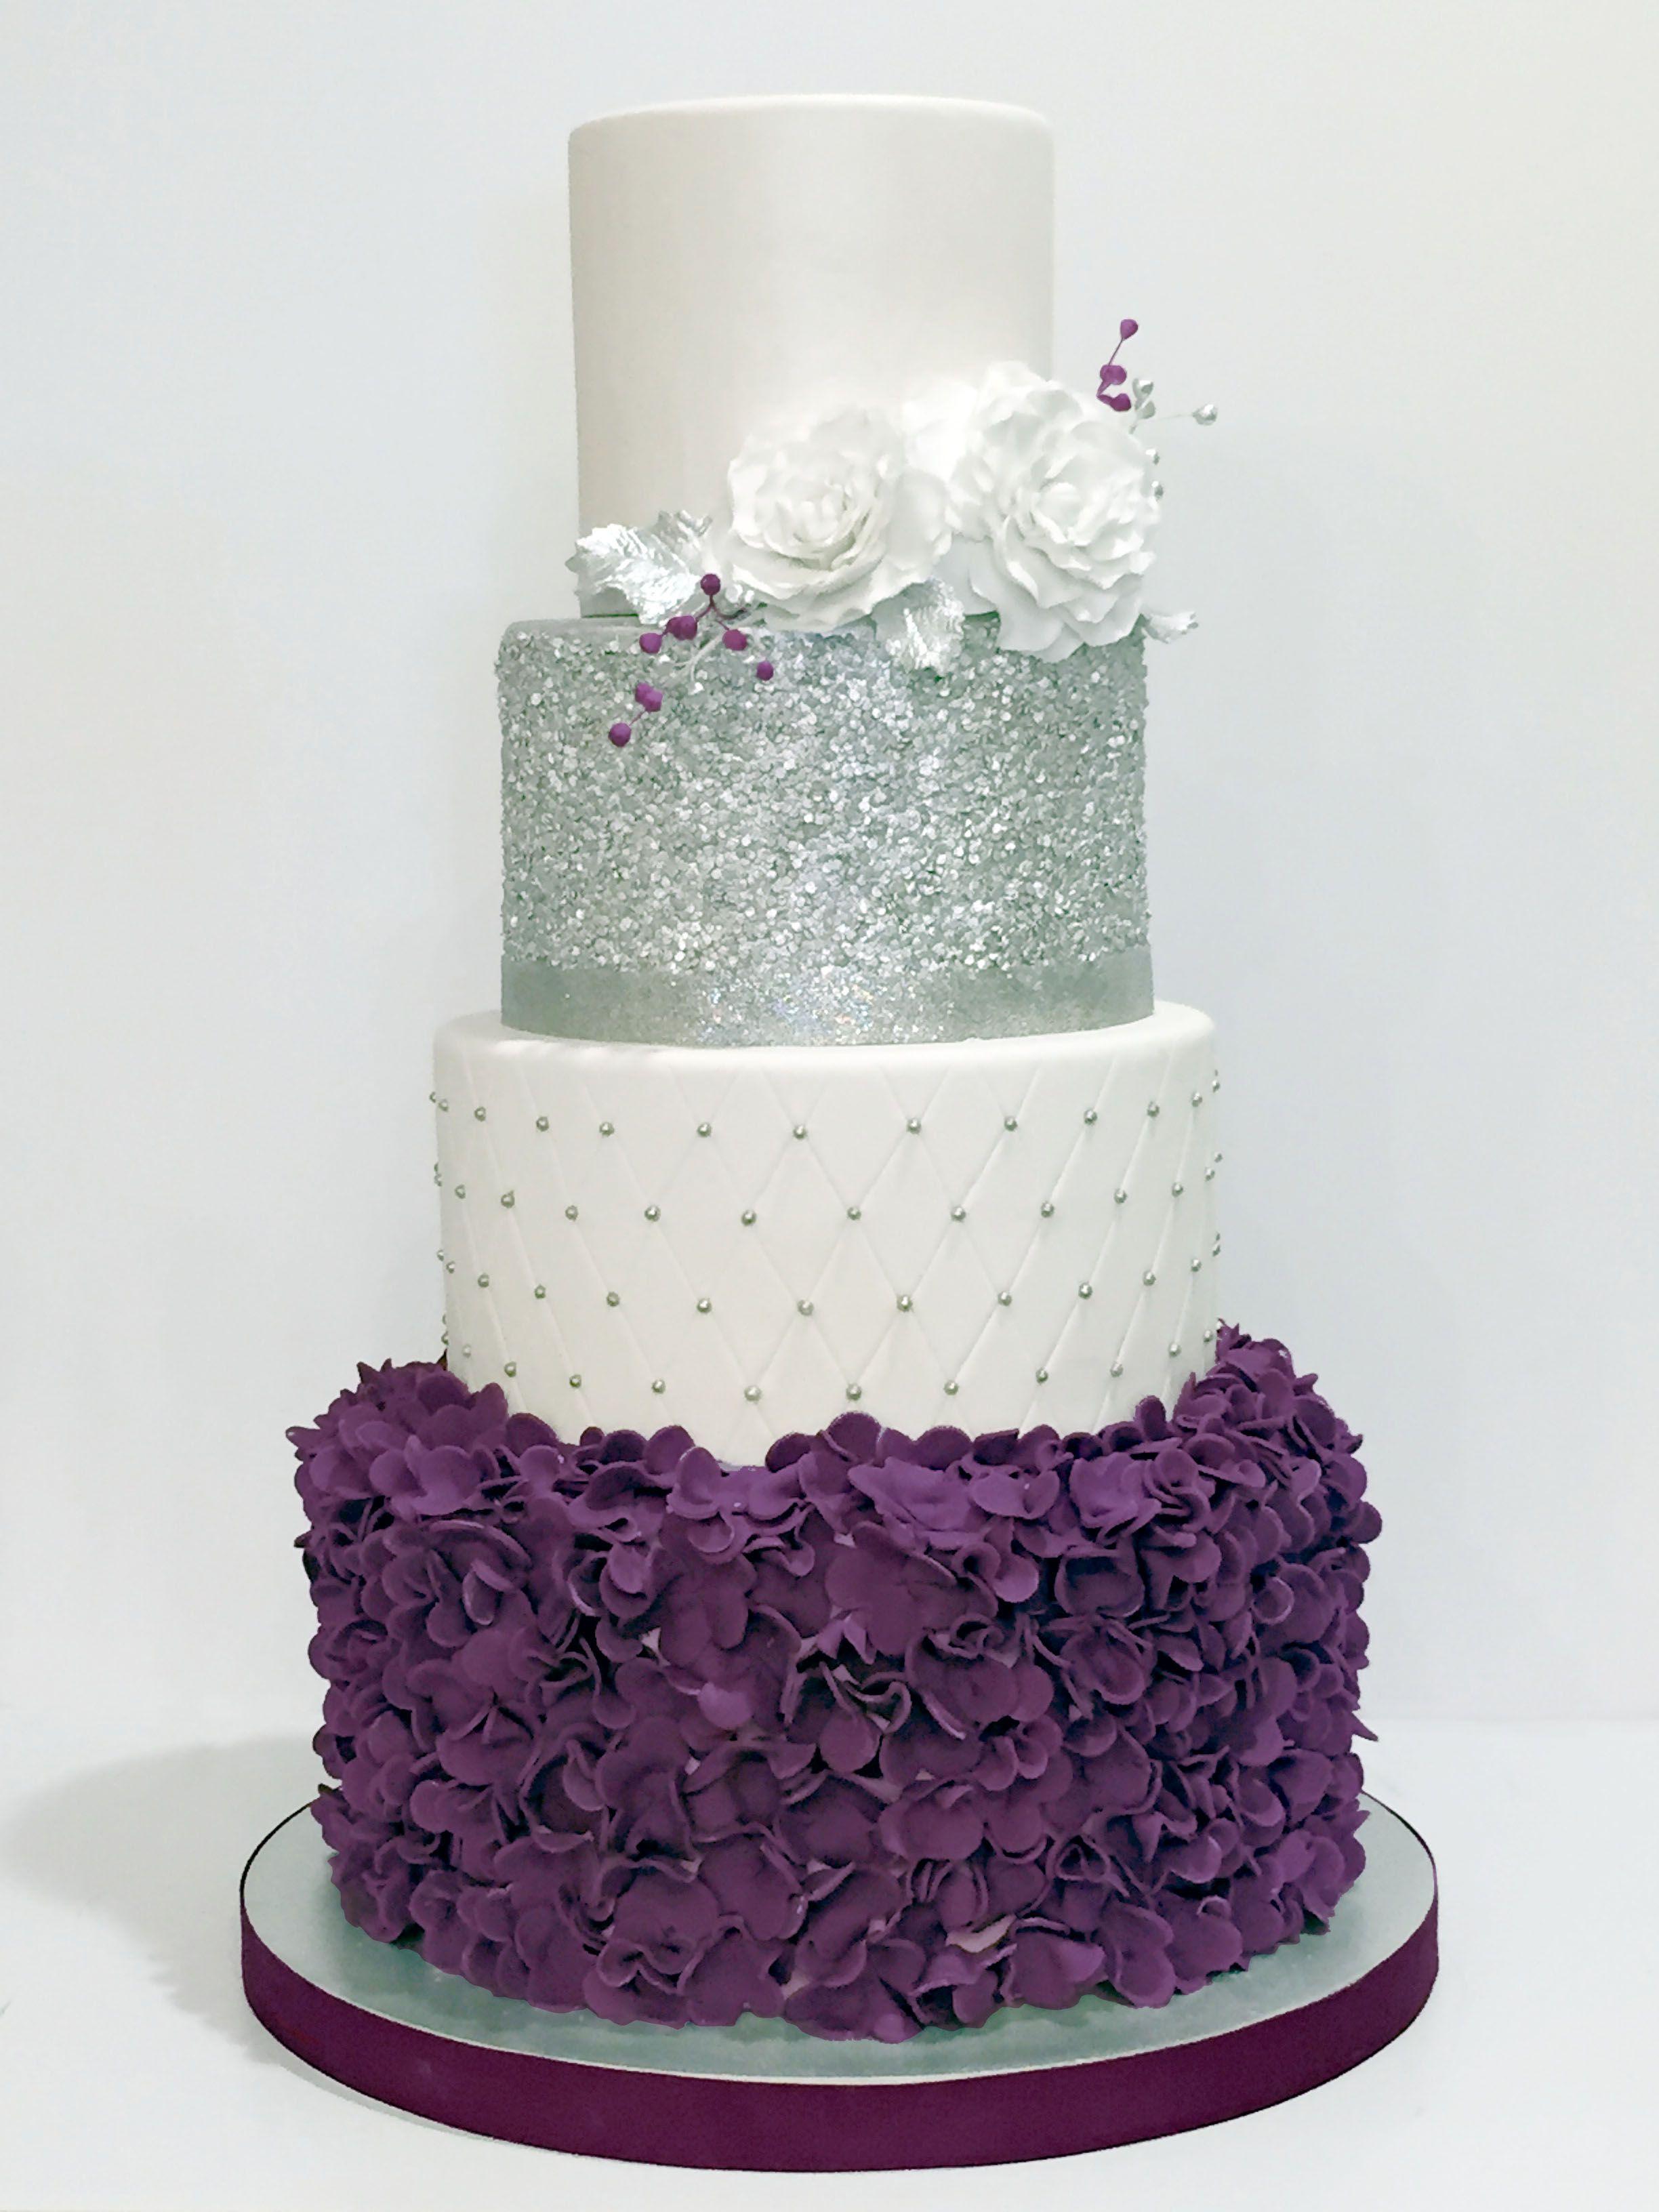 Pin by Justyna Sowinski on Hochzeiten   Pinterest   Wedding cake ...